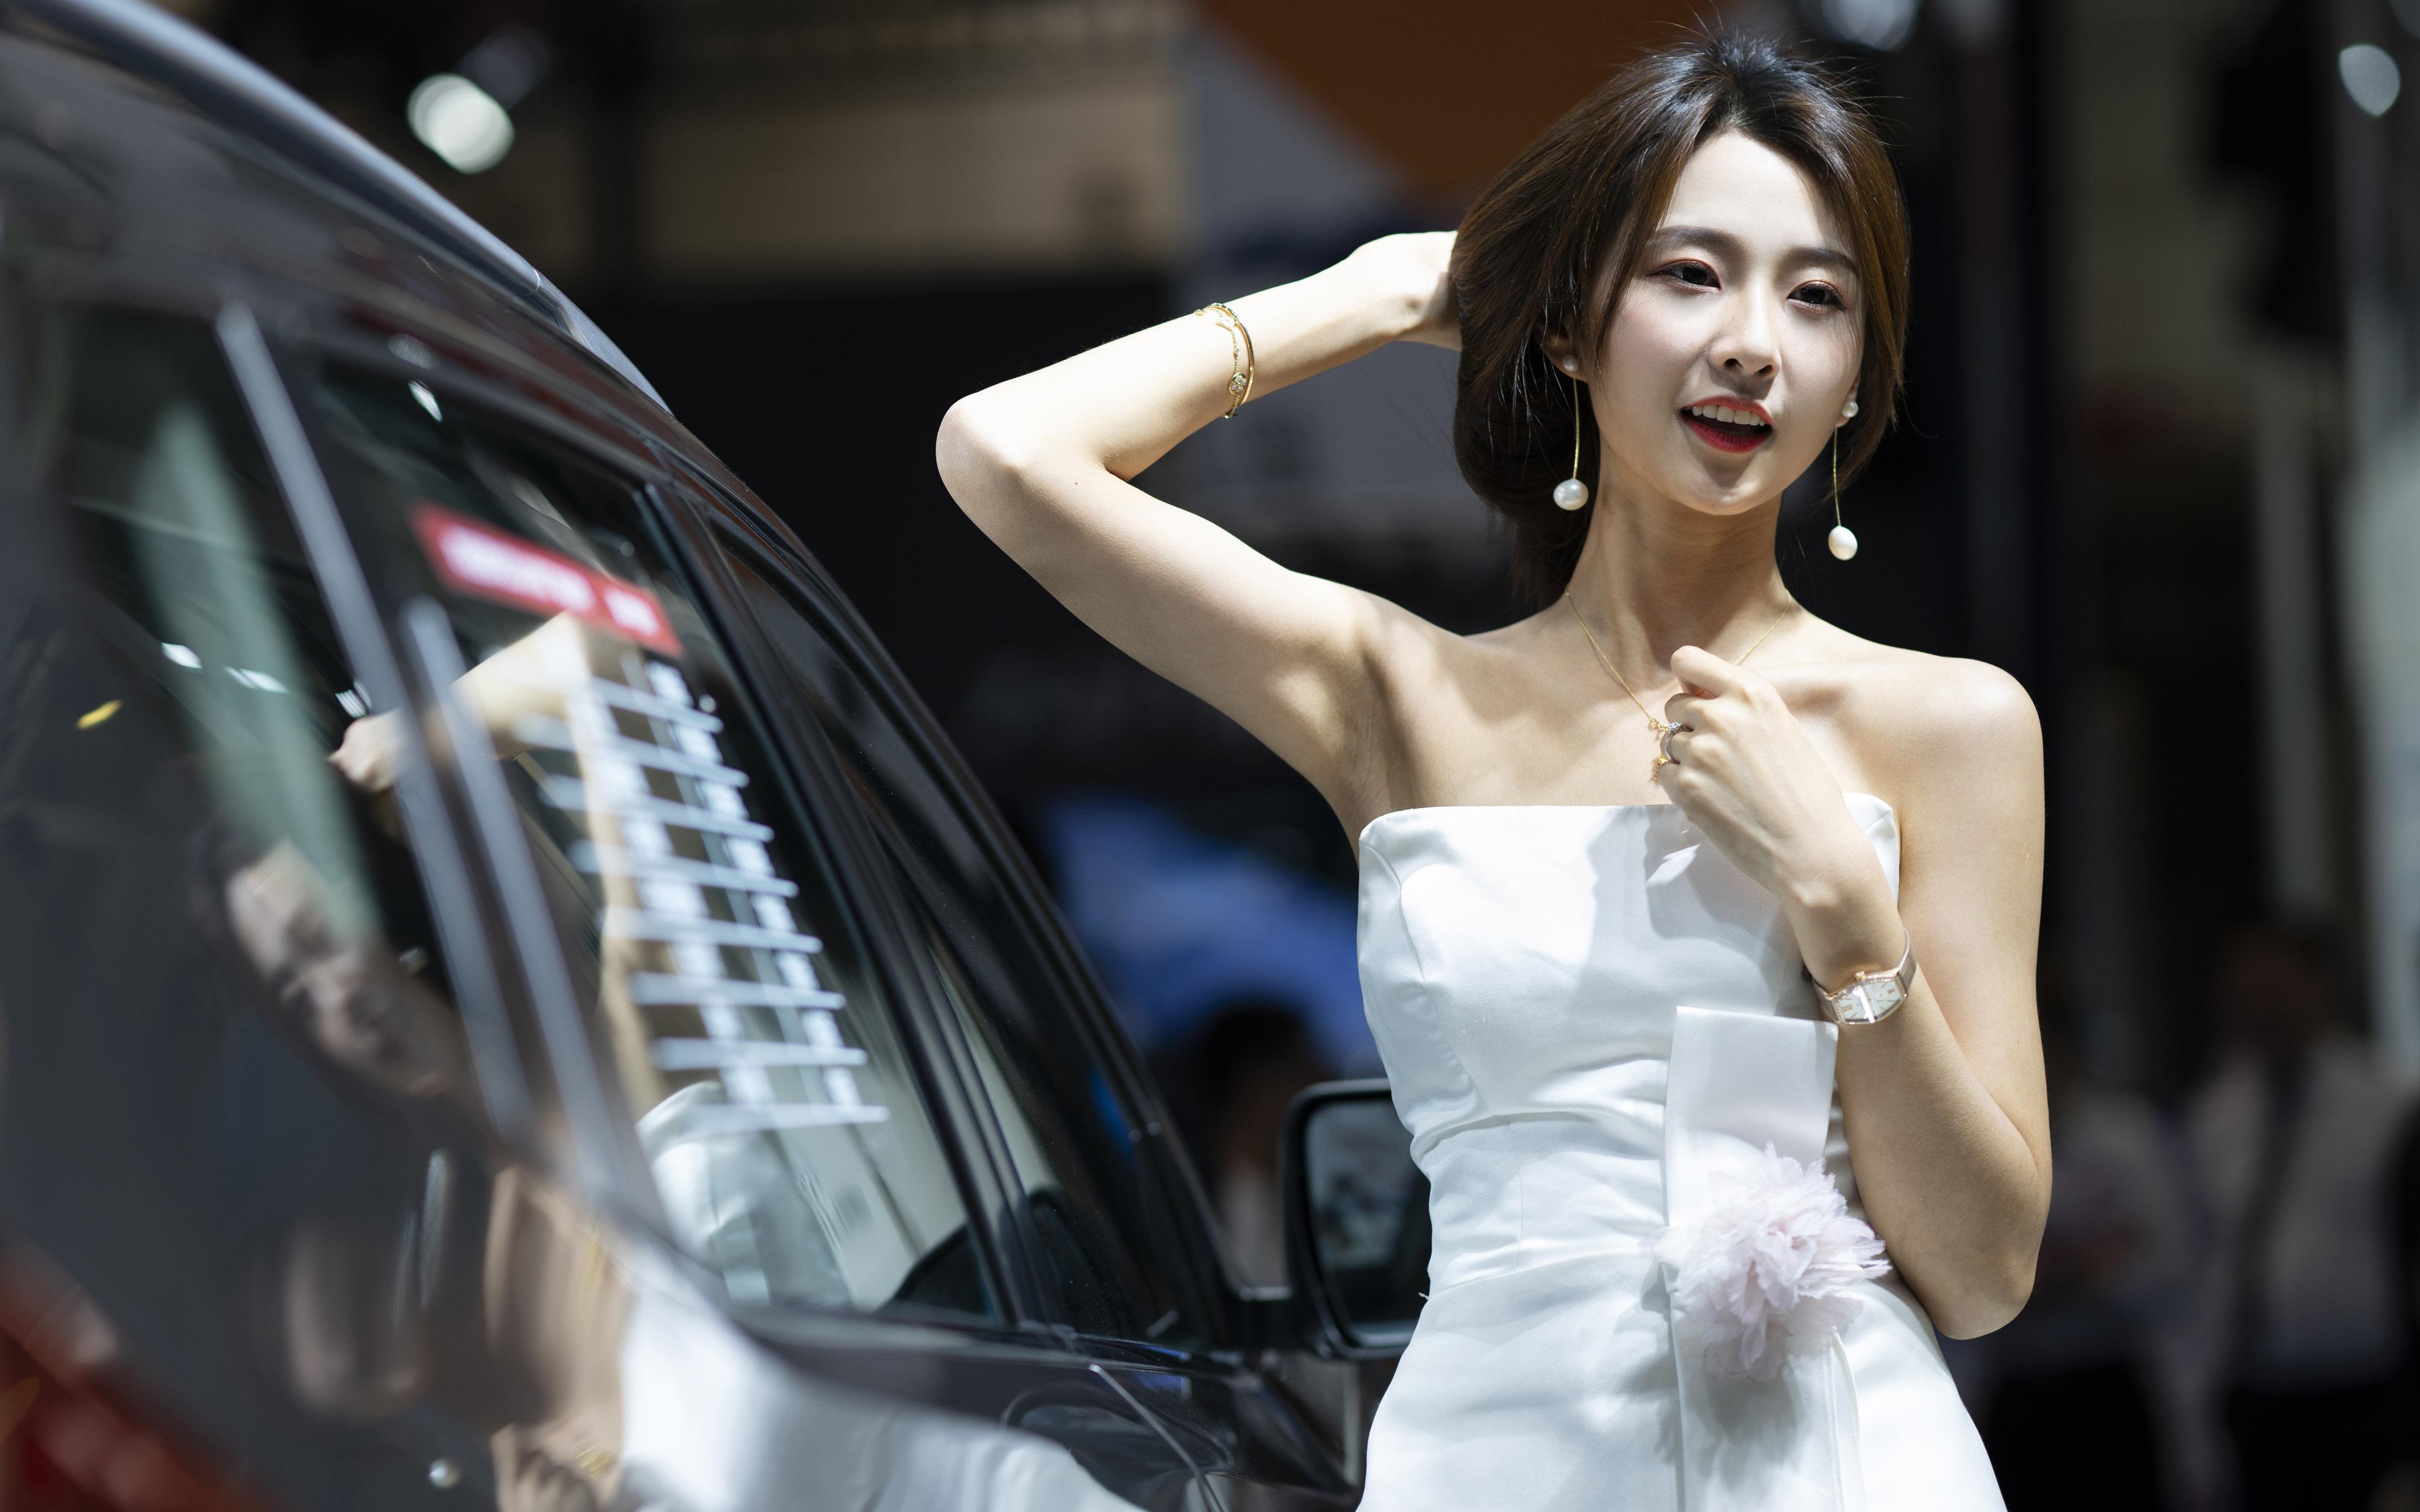 美女模特,性感女神,短发,耳环,白裙子,车模